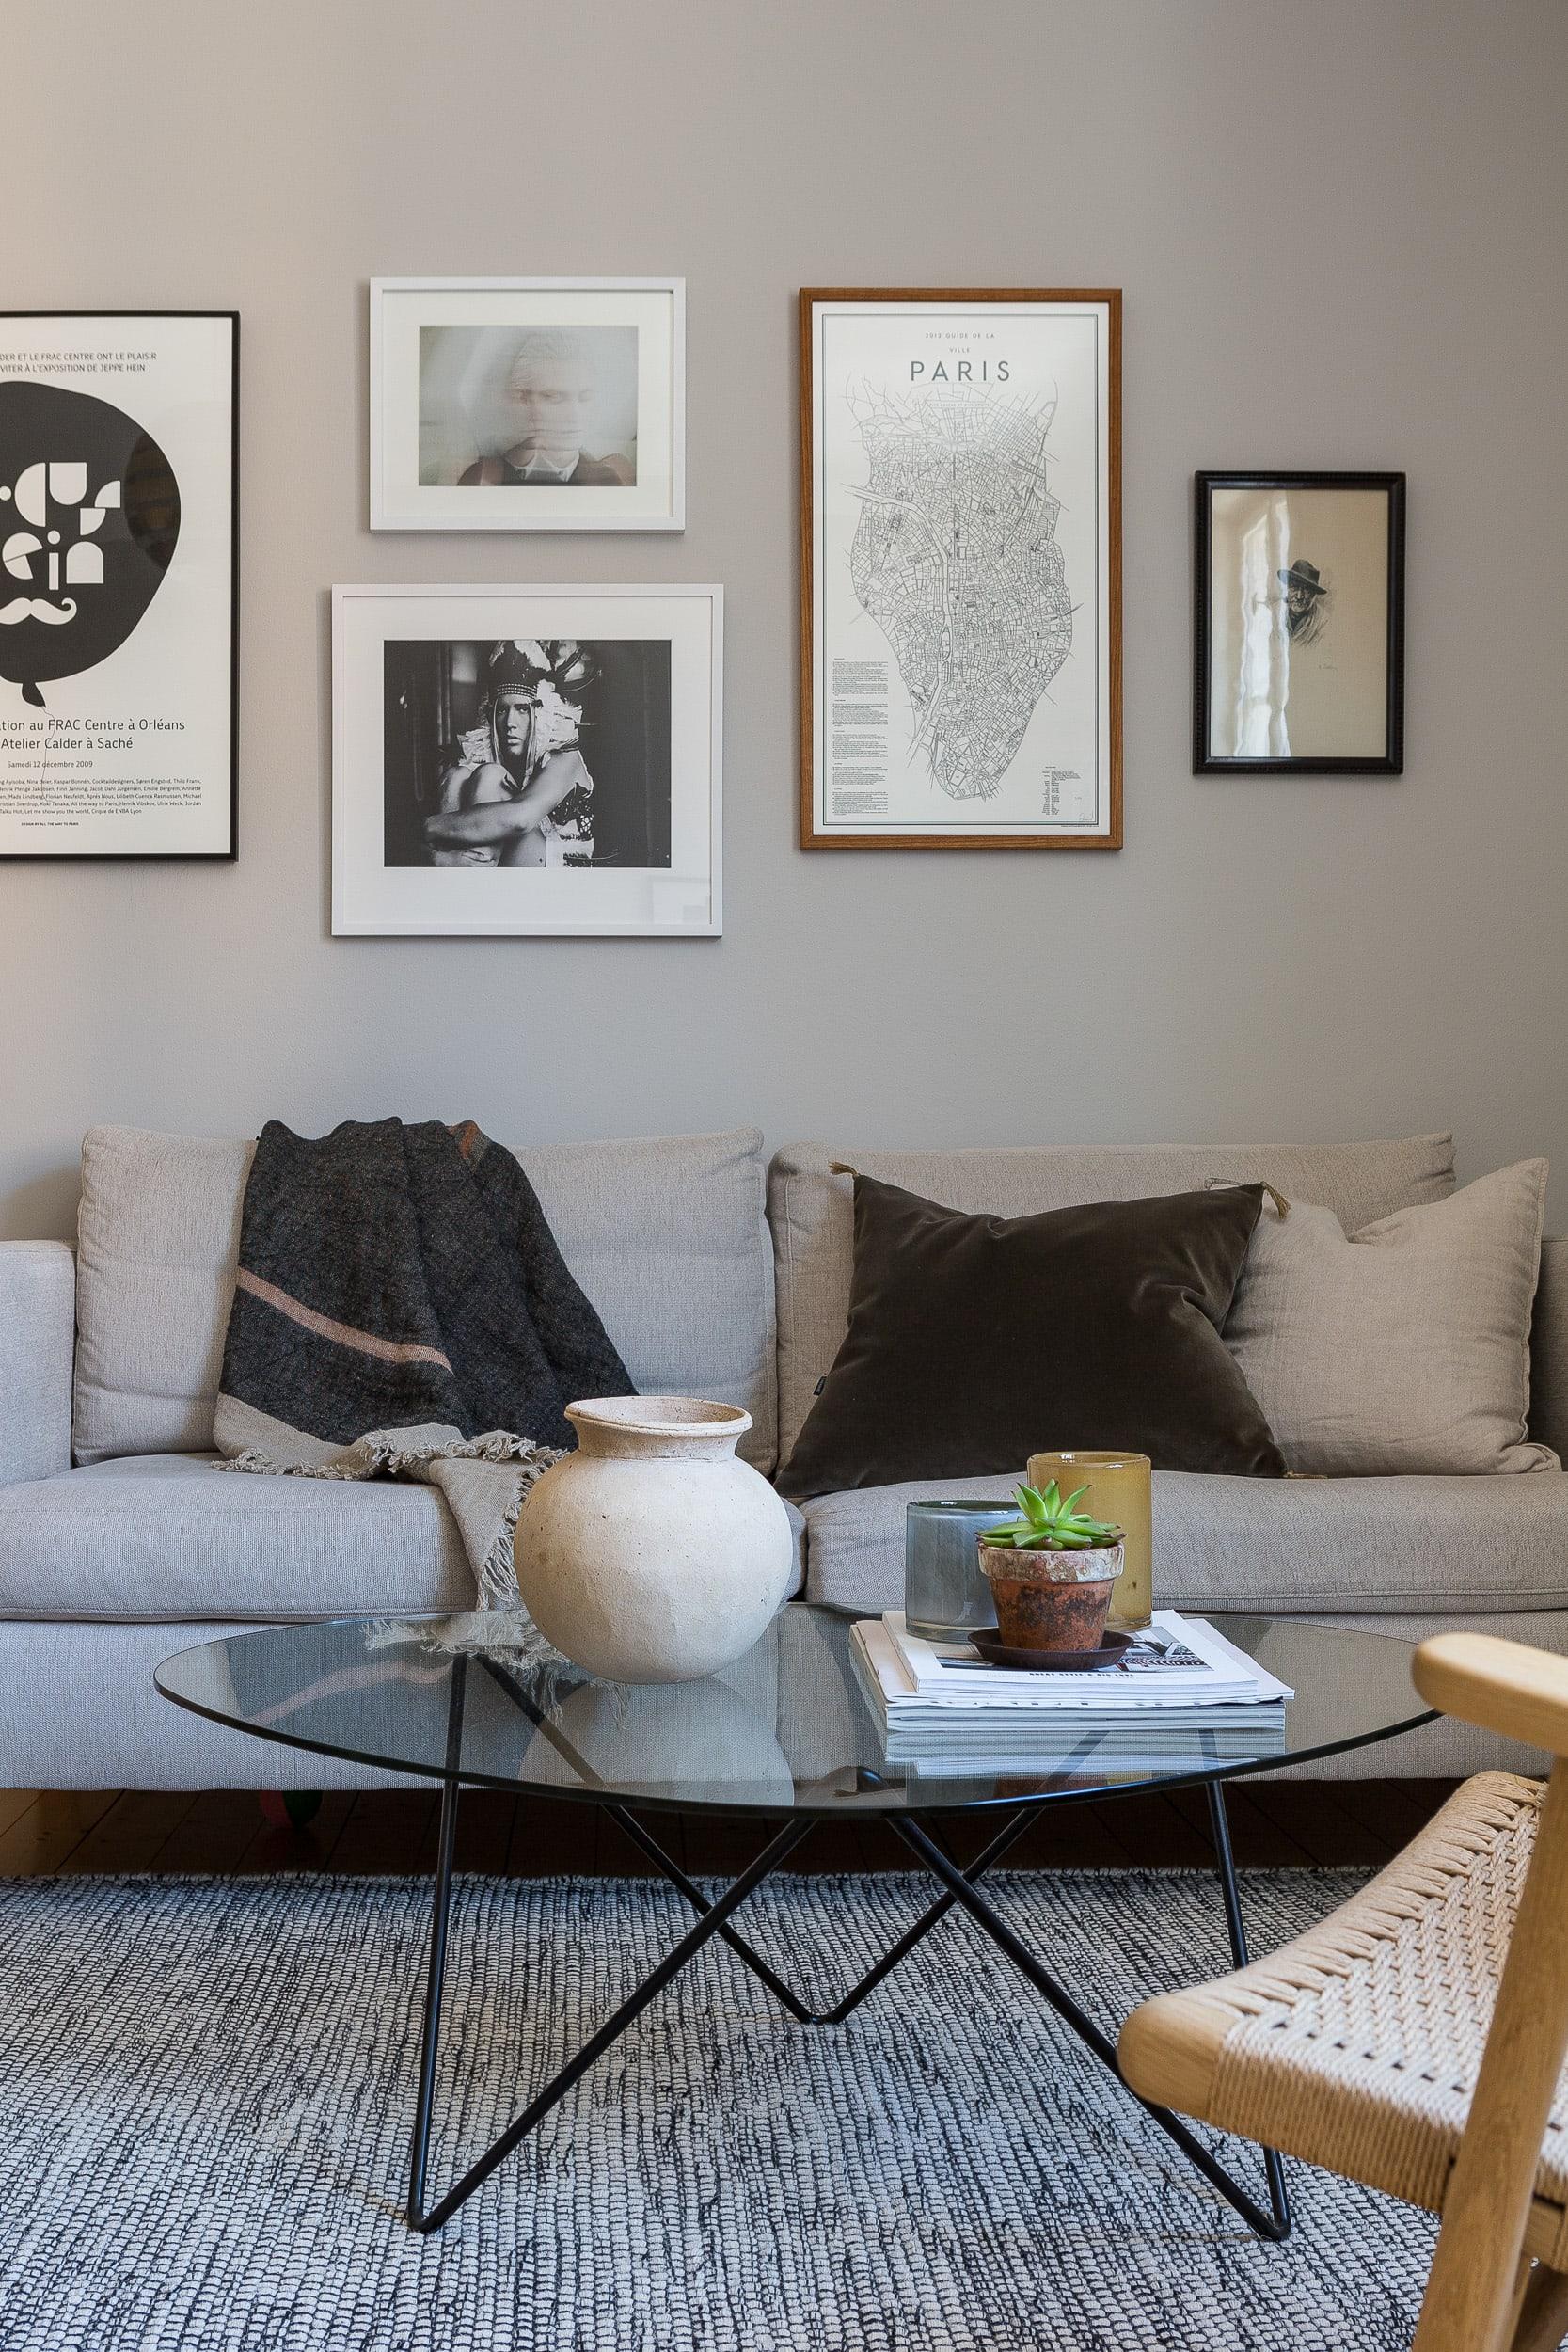 Vardagsrummet går i harmoniska milda färgtoner. Soffa Mio, soffbord Gubi, över soffan sitterolika inramade prints och en tavla köpt second hand.